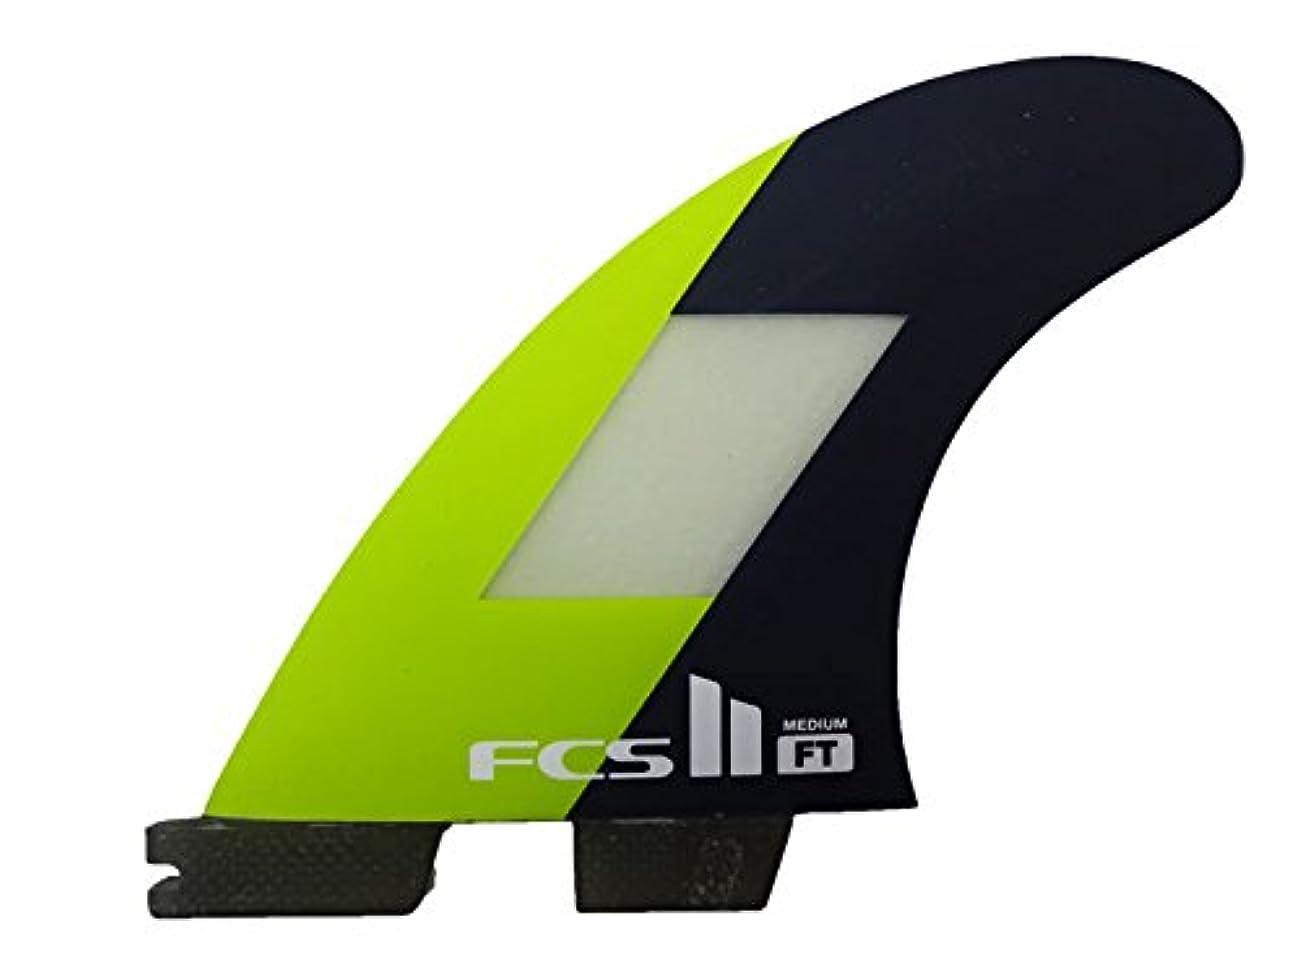 宴会食品体[FCS2 FIN] FT Paformance Core TRI [Medium]Filipe Toledo フィリペ?トレド パフォーマンスコア トライフィン スラスター シグネチャーモデル